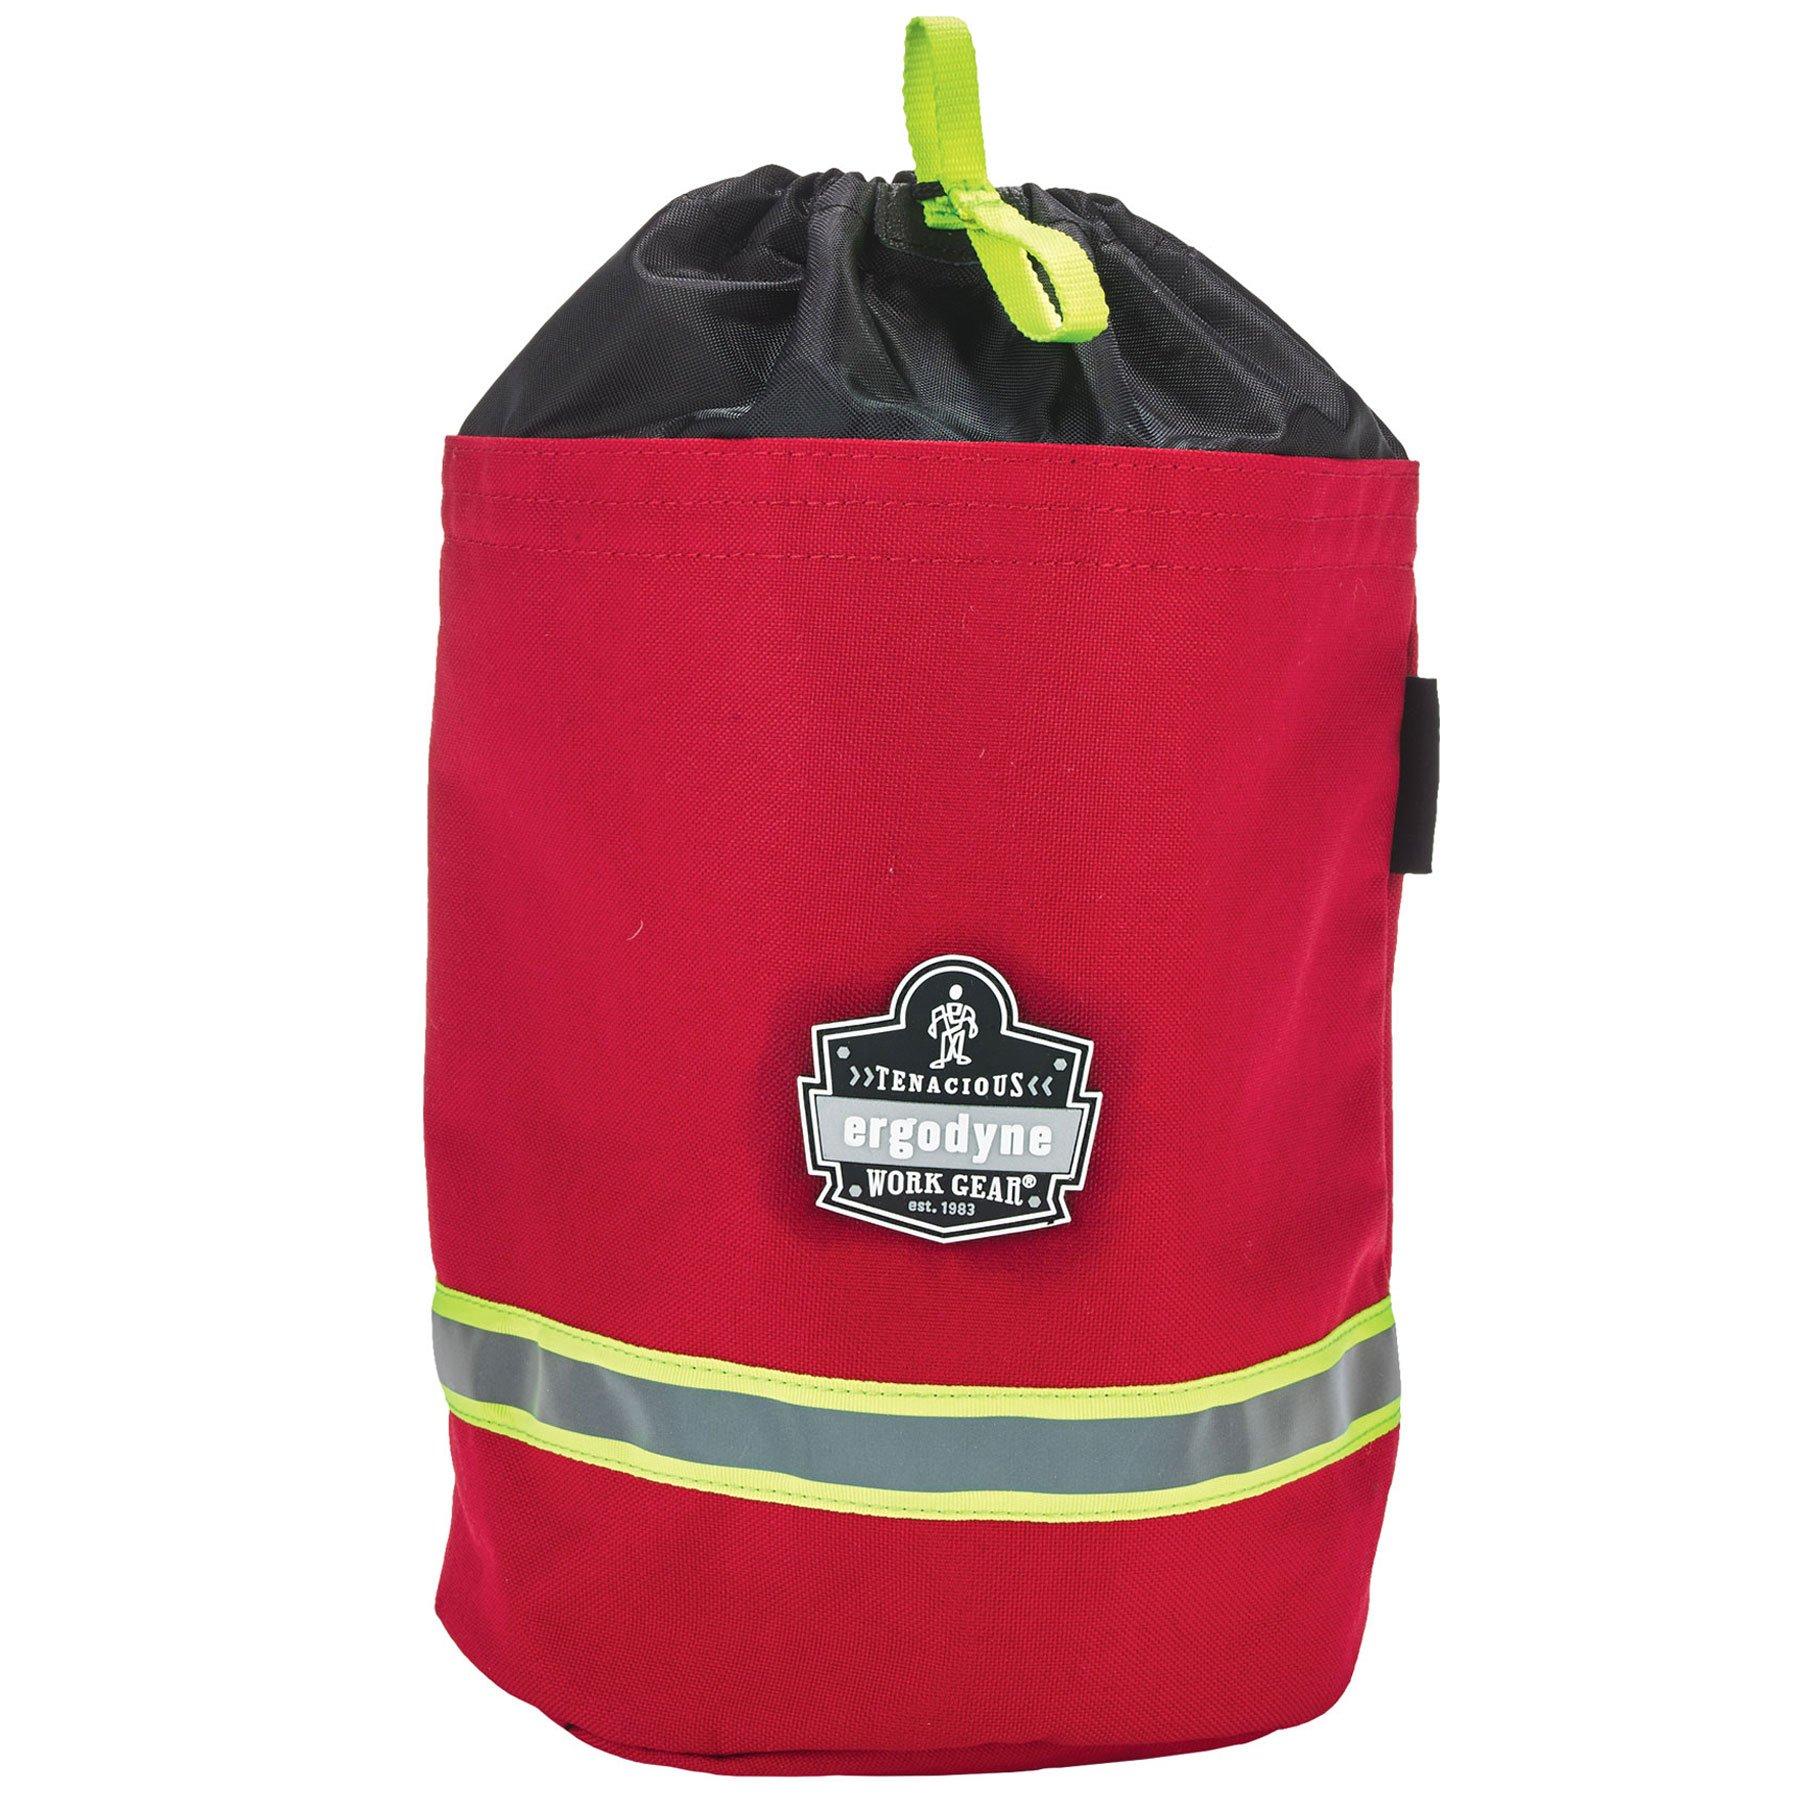 Ergodyne Arsenal 5080L Fireman's SCBA Respirator Firefighter Mask Bag for air pack with Fleece Lining by Ergodyne